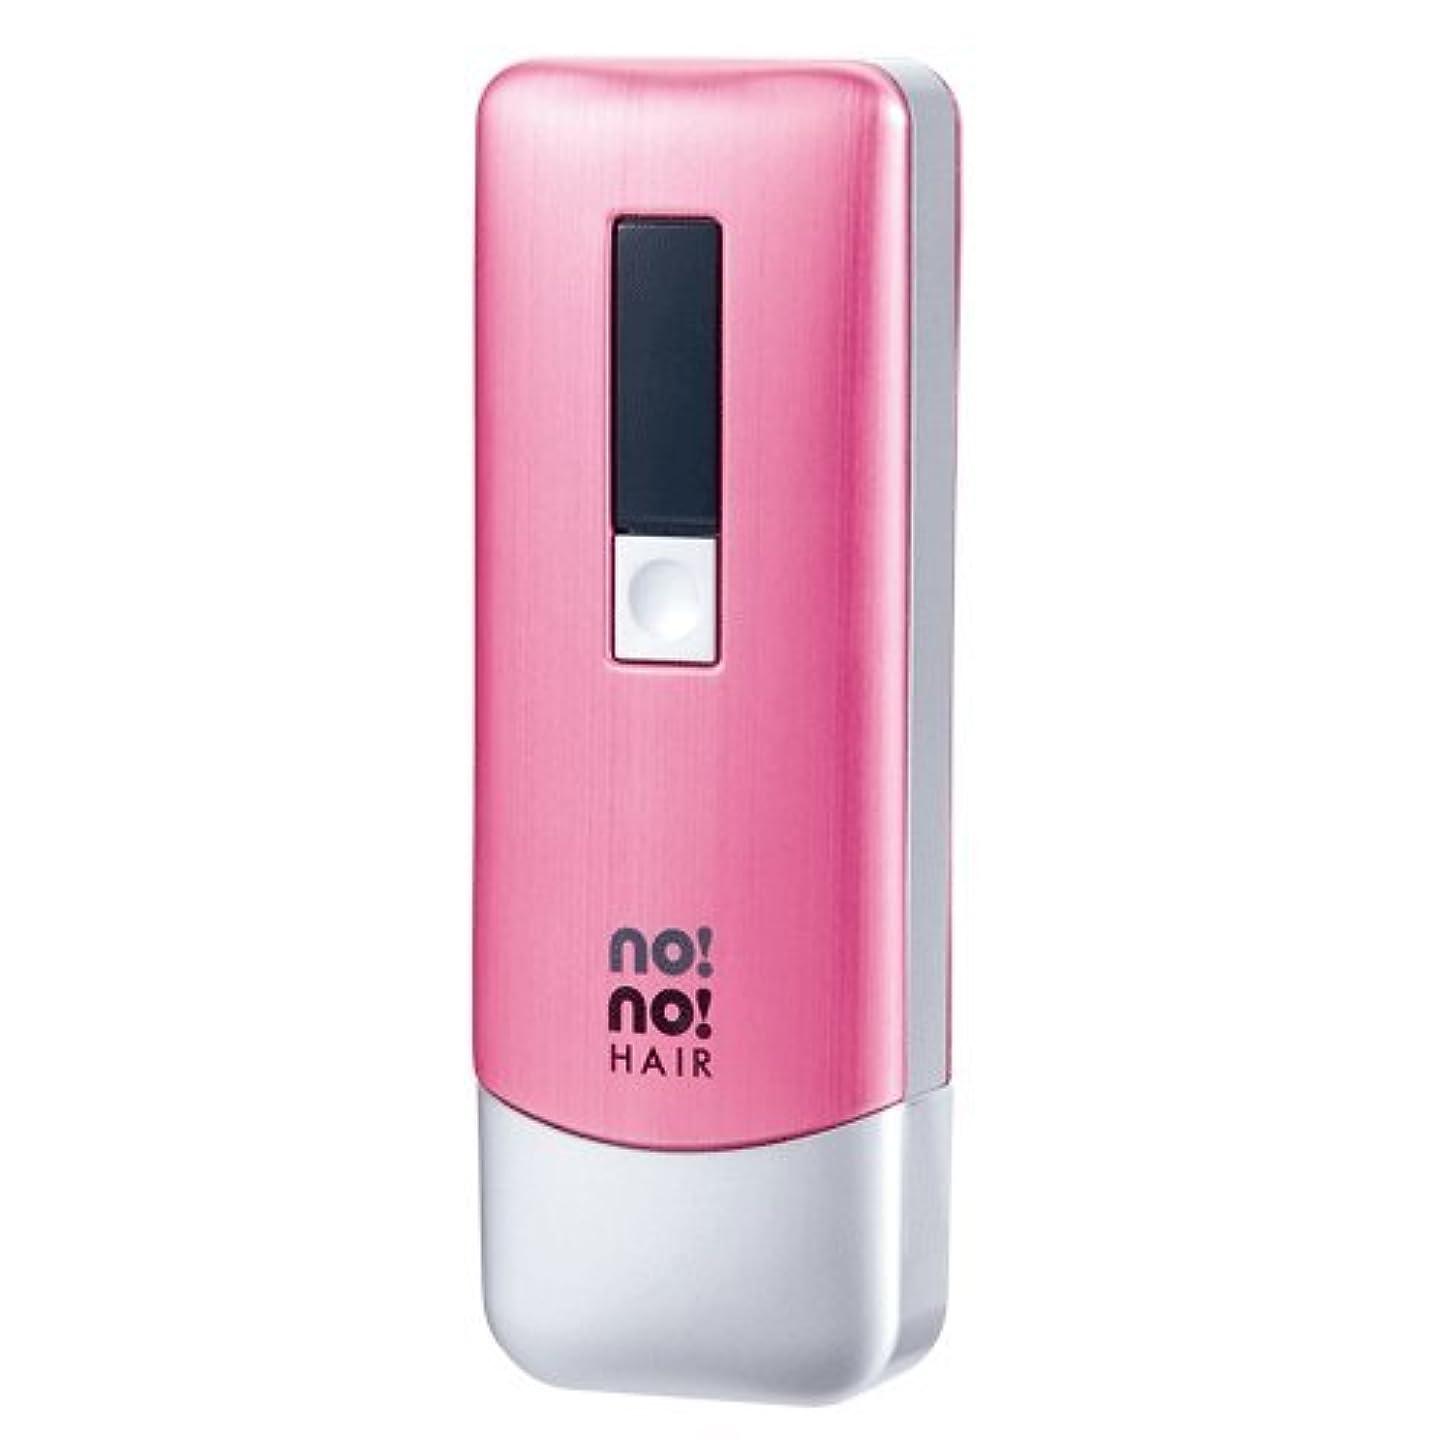 位置づける自分自身さらにノーノーヘアスマート no!no!HAIRSMART 脱毛器 ヤーマン (ピンク)